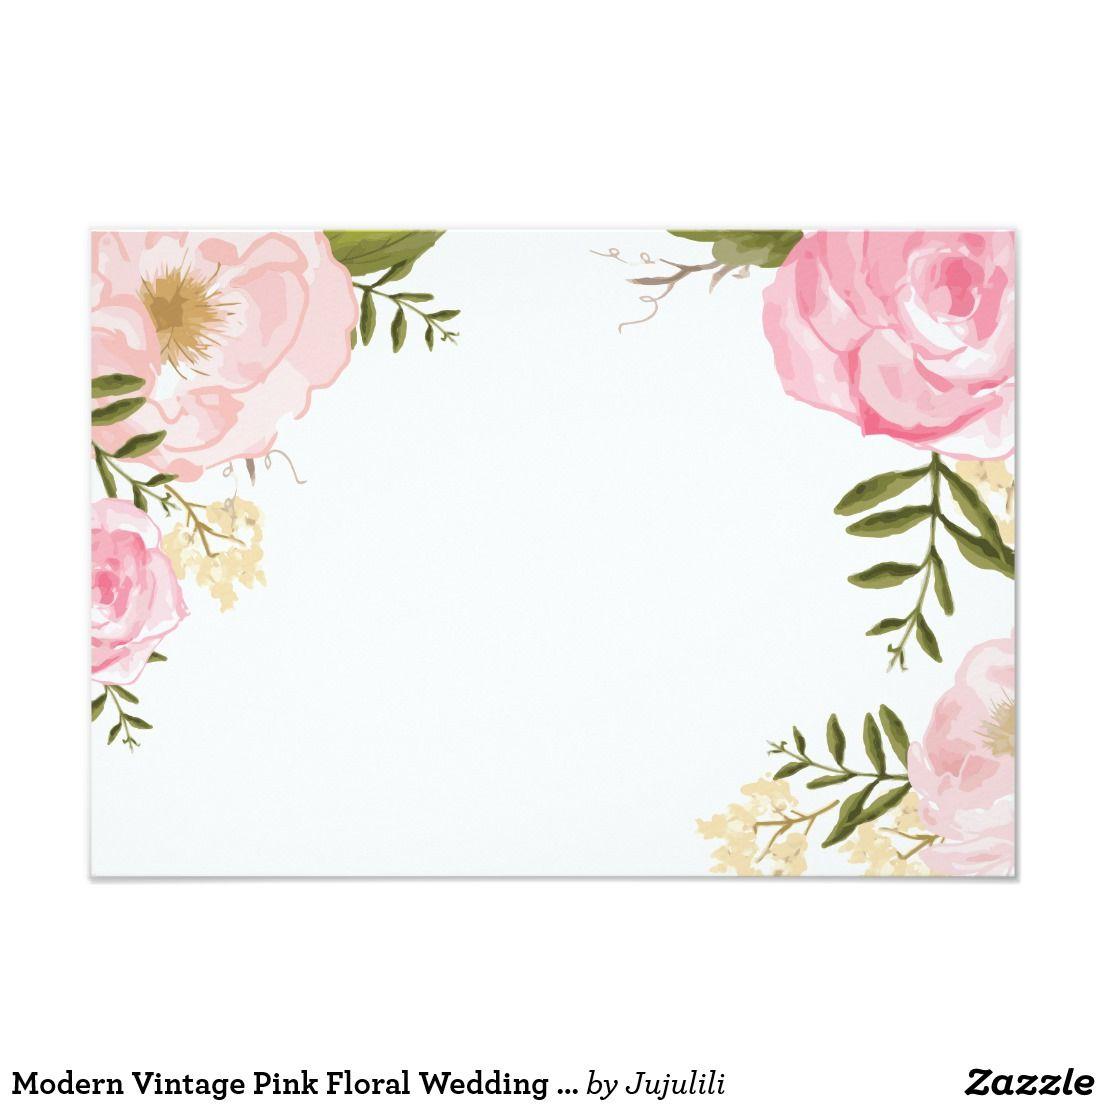 Modern Vintage Pink Floral Wedding Blank Card Zazzle Com In 2021 Floral Border Design Flower Drawing Design Floral Wedding